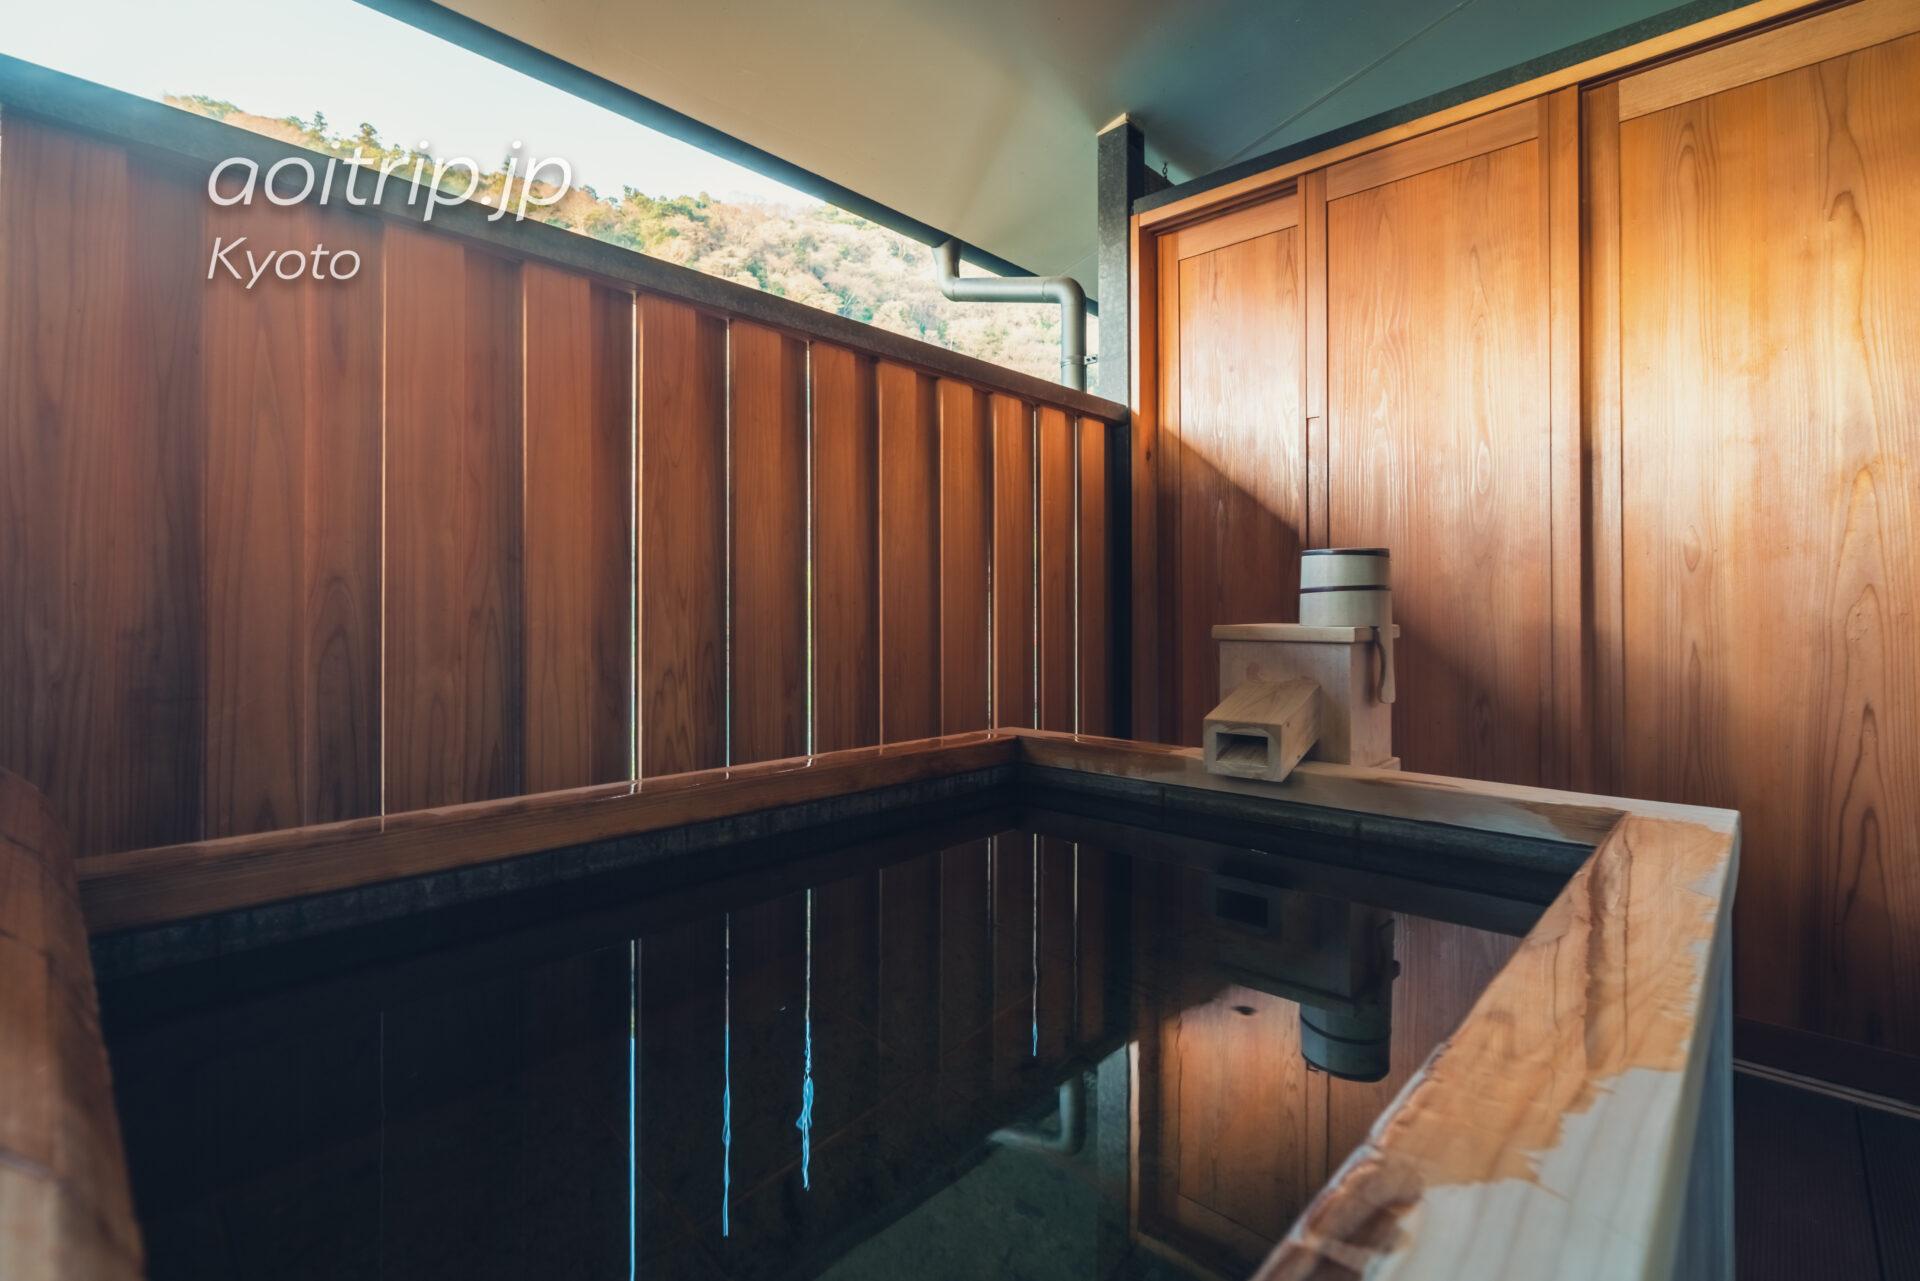 翠嵐(すいらん)プレジデンシャルコーナースイート SUIRAN 1 Bedroom Presidential Suite, 1 King, Hozu River view, Mountain view, Corner room 露天温泉